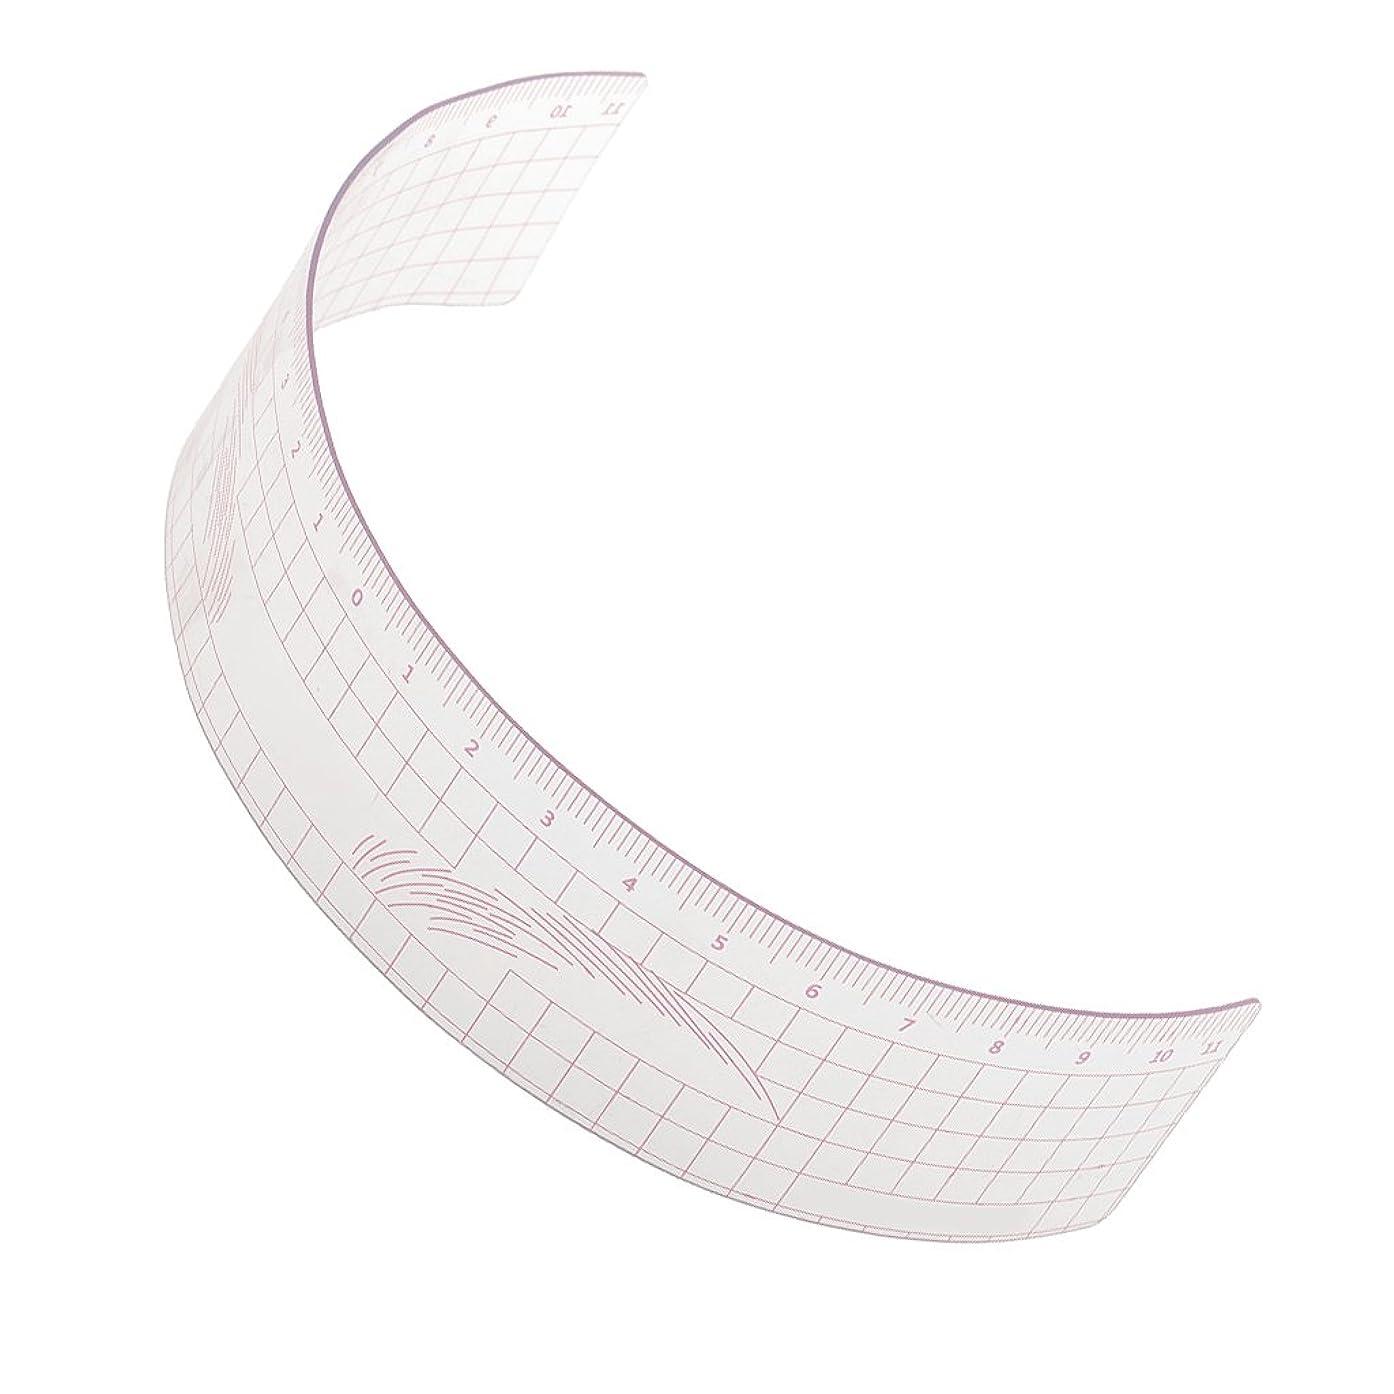 投げ捨てるドメイン目覚めるPerfk 再利用可能 メイク 眉毛ステンシル マイクロブレード 測定用 ルーラー ツール 全3色 - ピンク